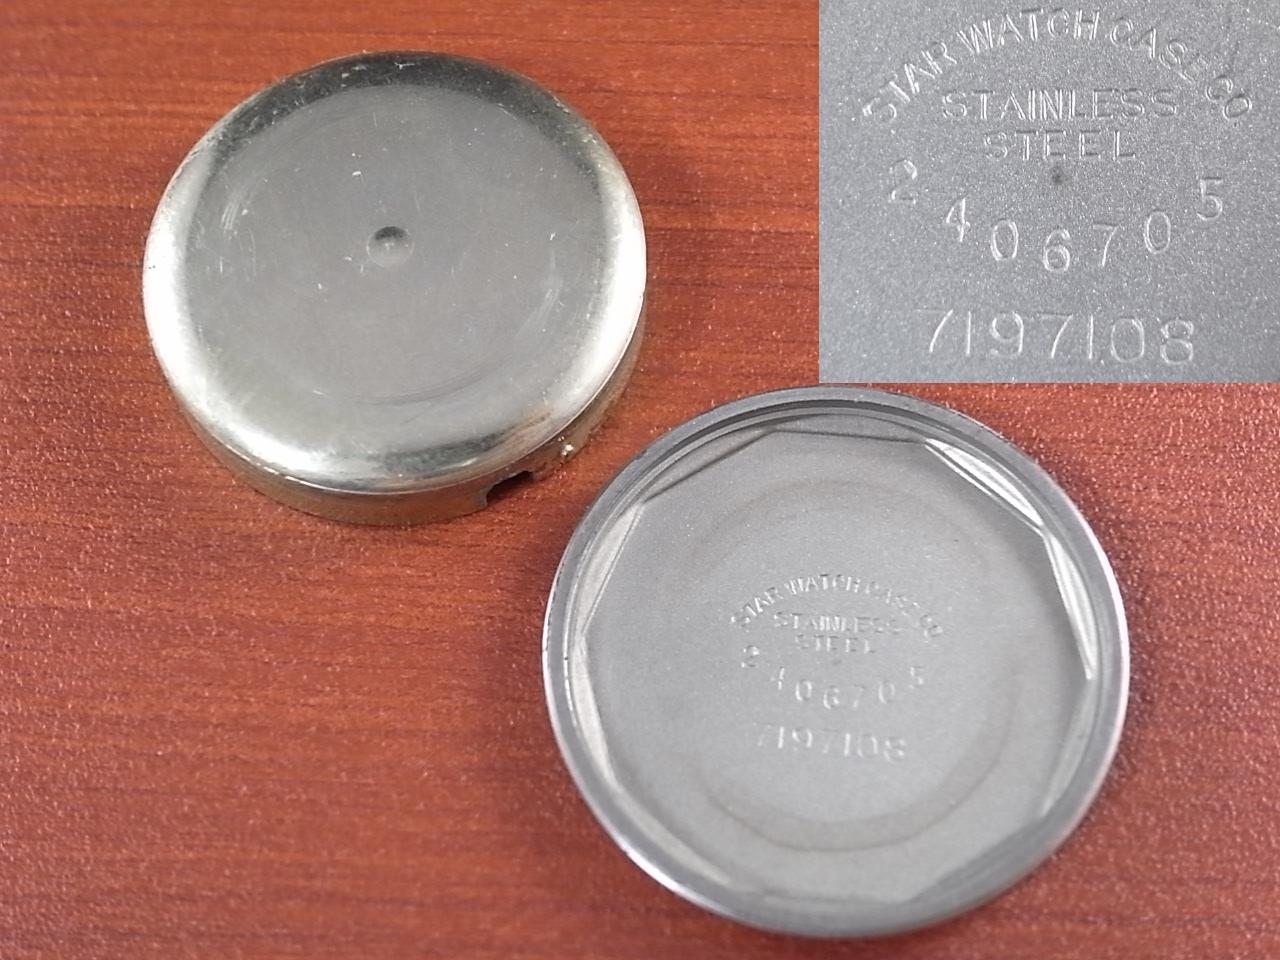 ブローバ 軍用時計 アメリカ陸軍 ホワイトダイアル 1940年代の写真6枚目